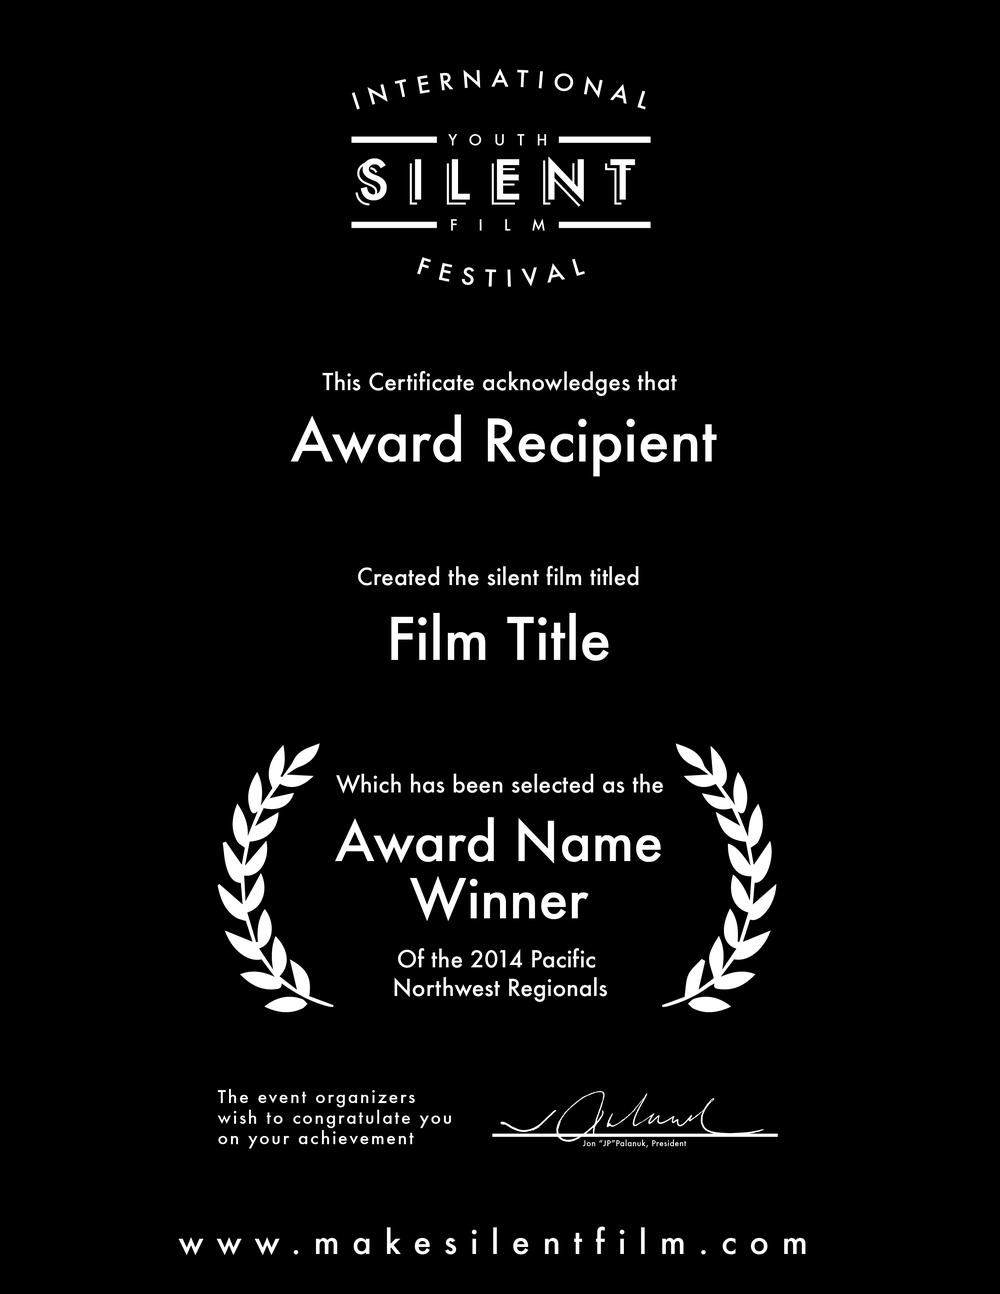 AwardCertificate.png